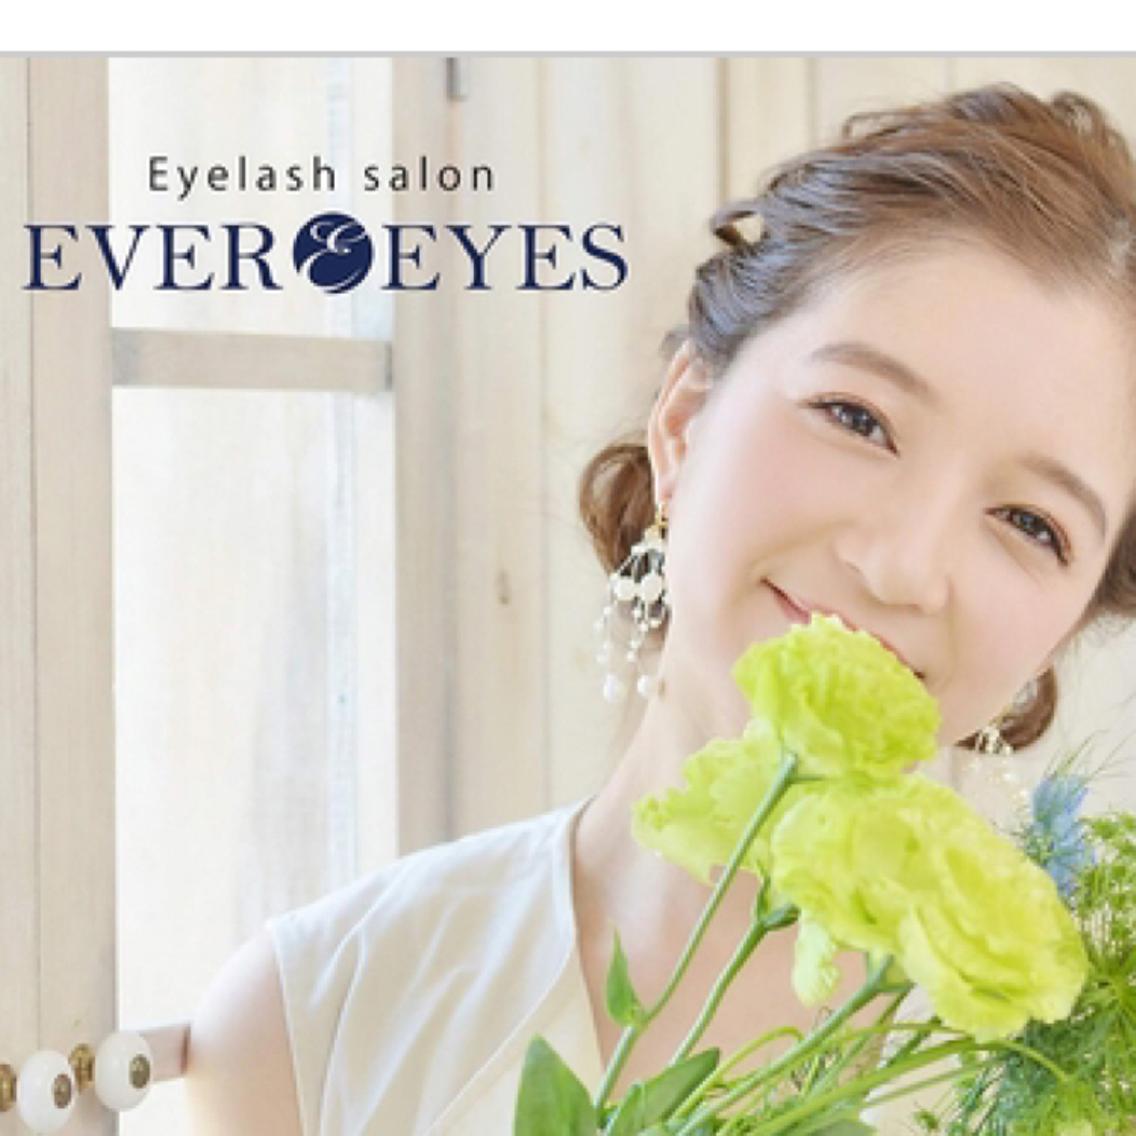 EverEyes(エバーアイズ)新宿南口店所属・EverEyesSの掲載